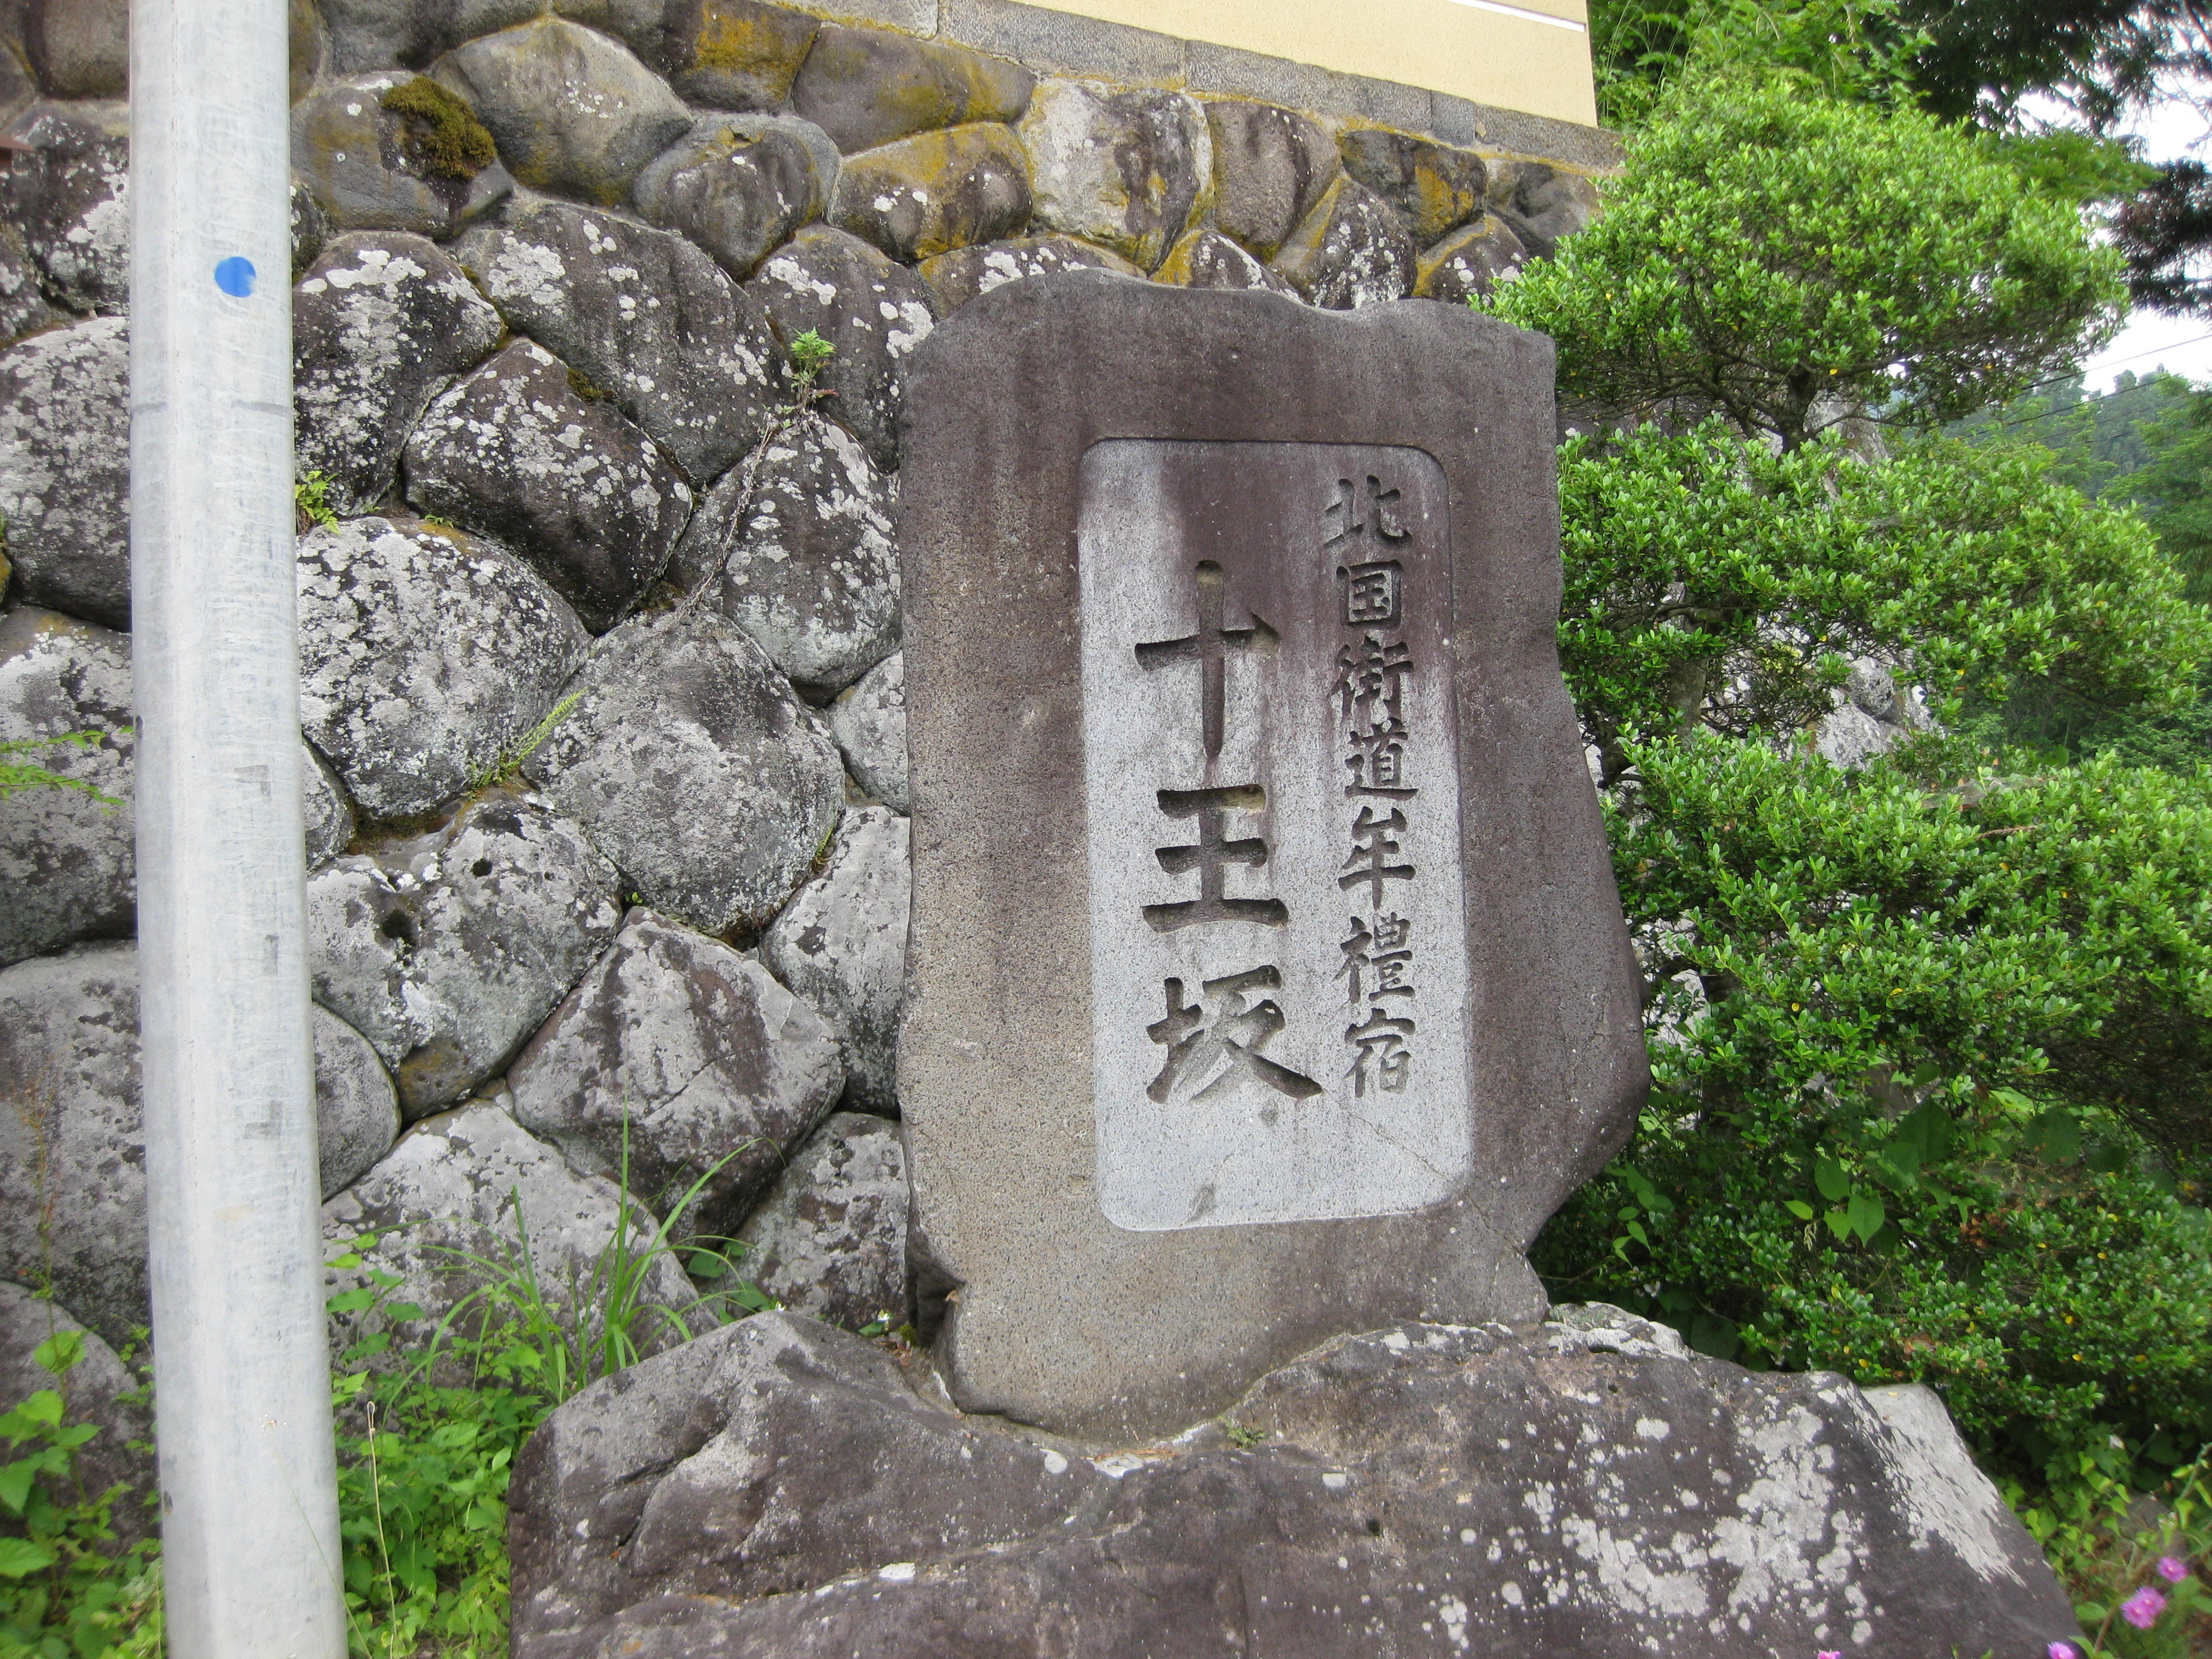 「北国街道牟礼宿十王坂(むれしゅくじゅうおうざか)」碑